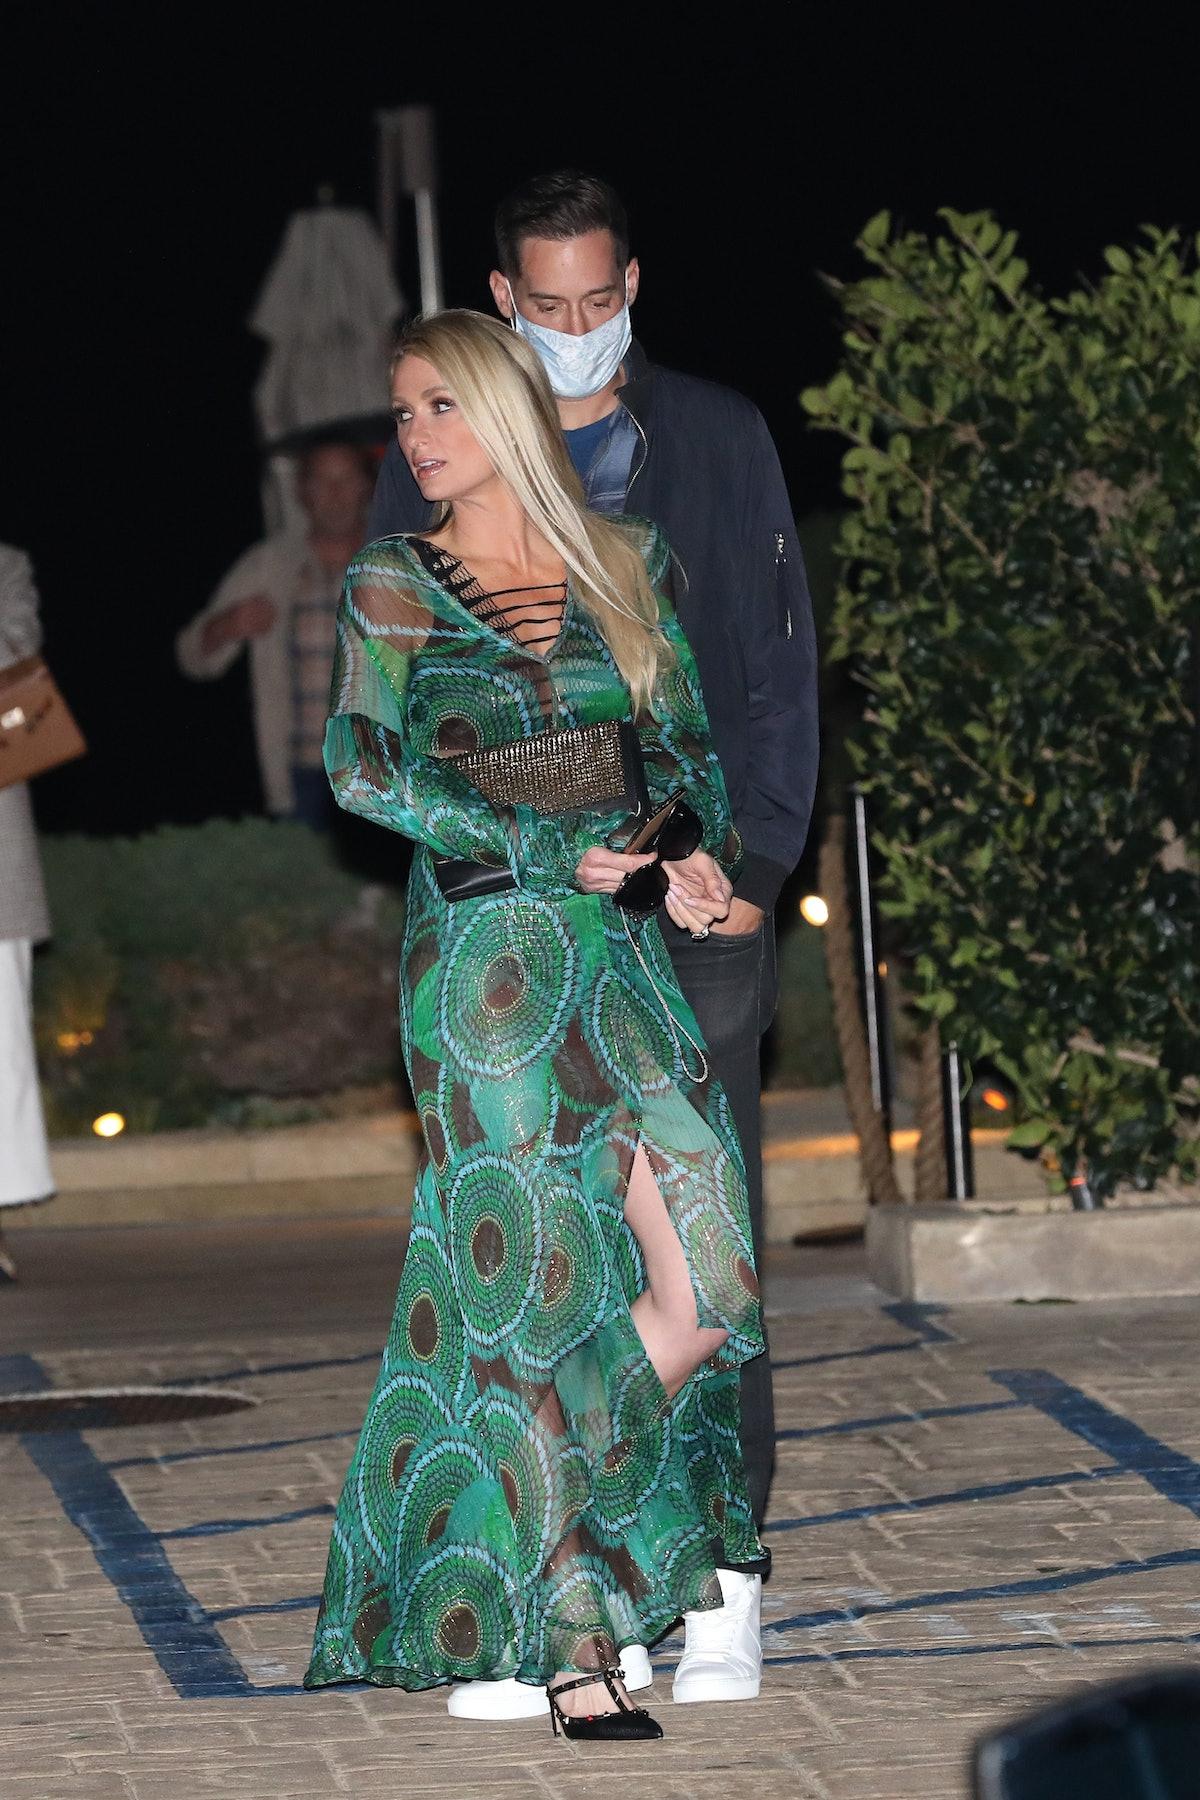 MALIBU, CA - MARCH 6: Paris Hilton and Carter Reum dine at Nobu on March 6, 2021 in Malibu, Californ...